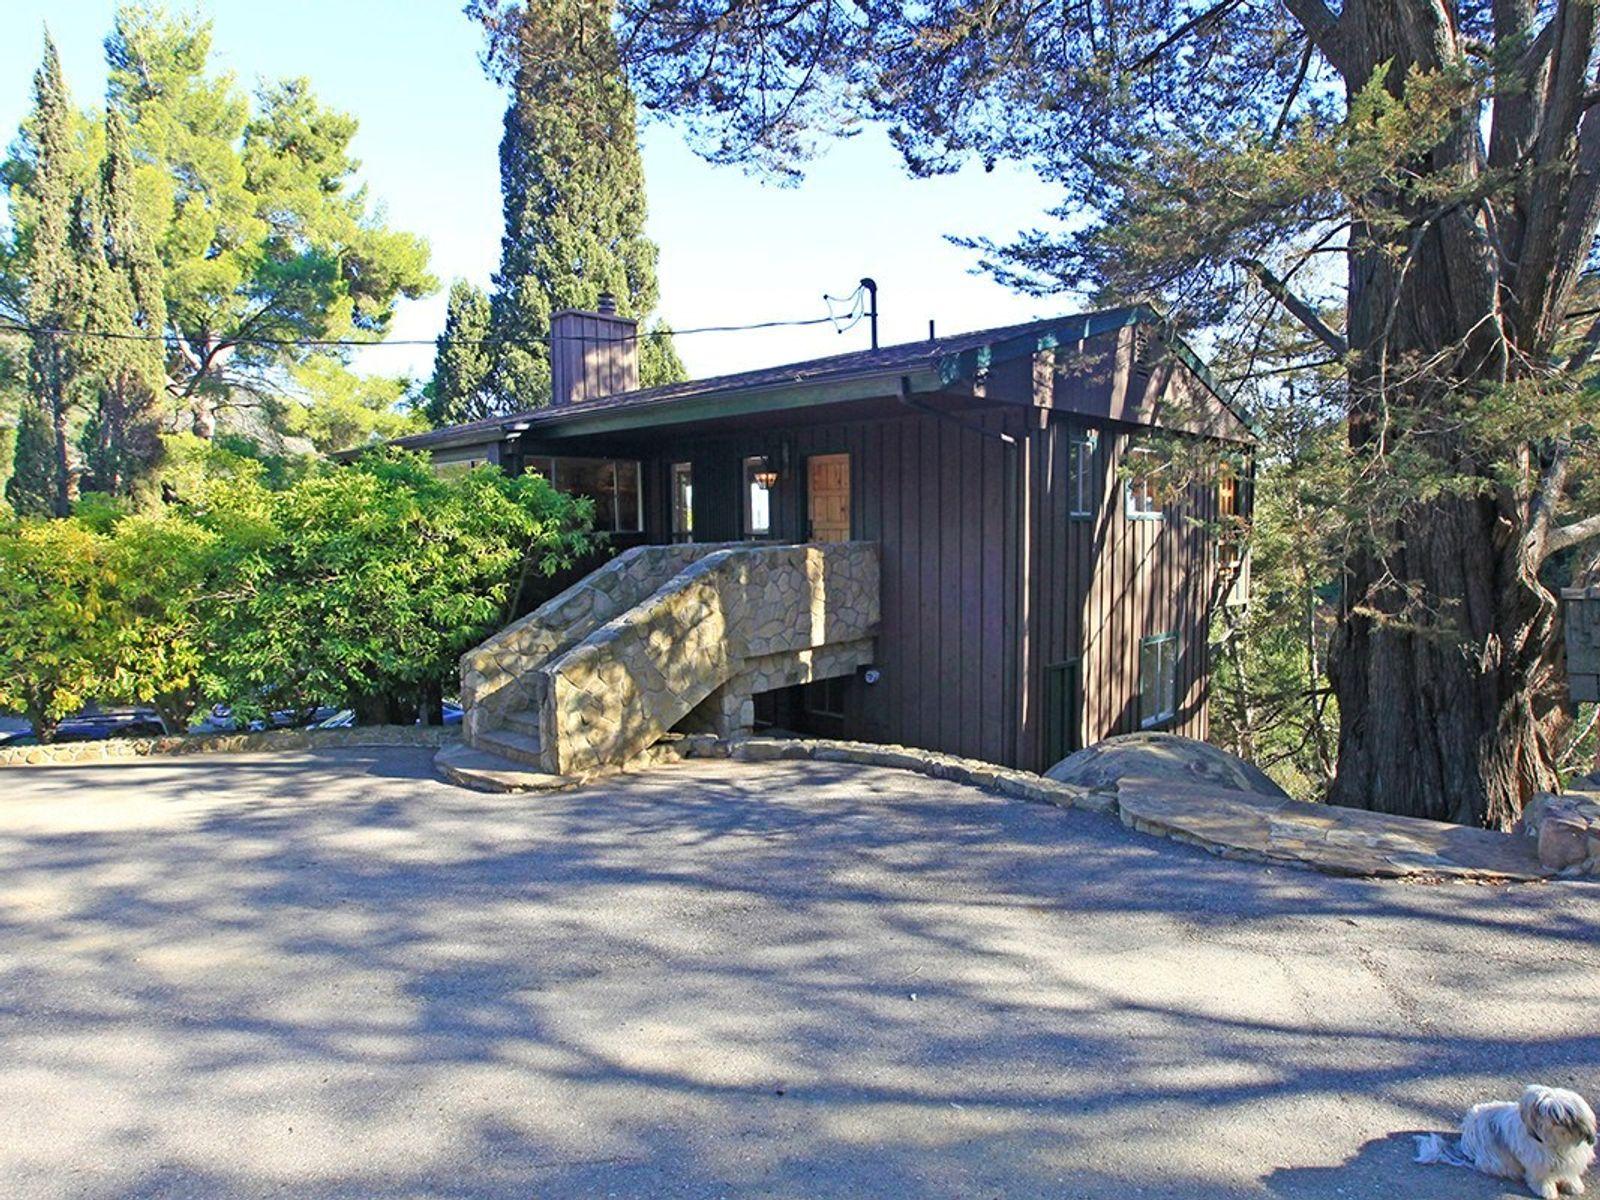 Santa Barbara Shangri-La